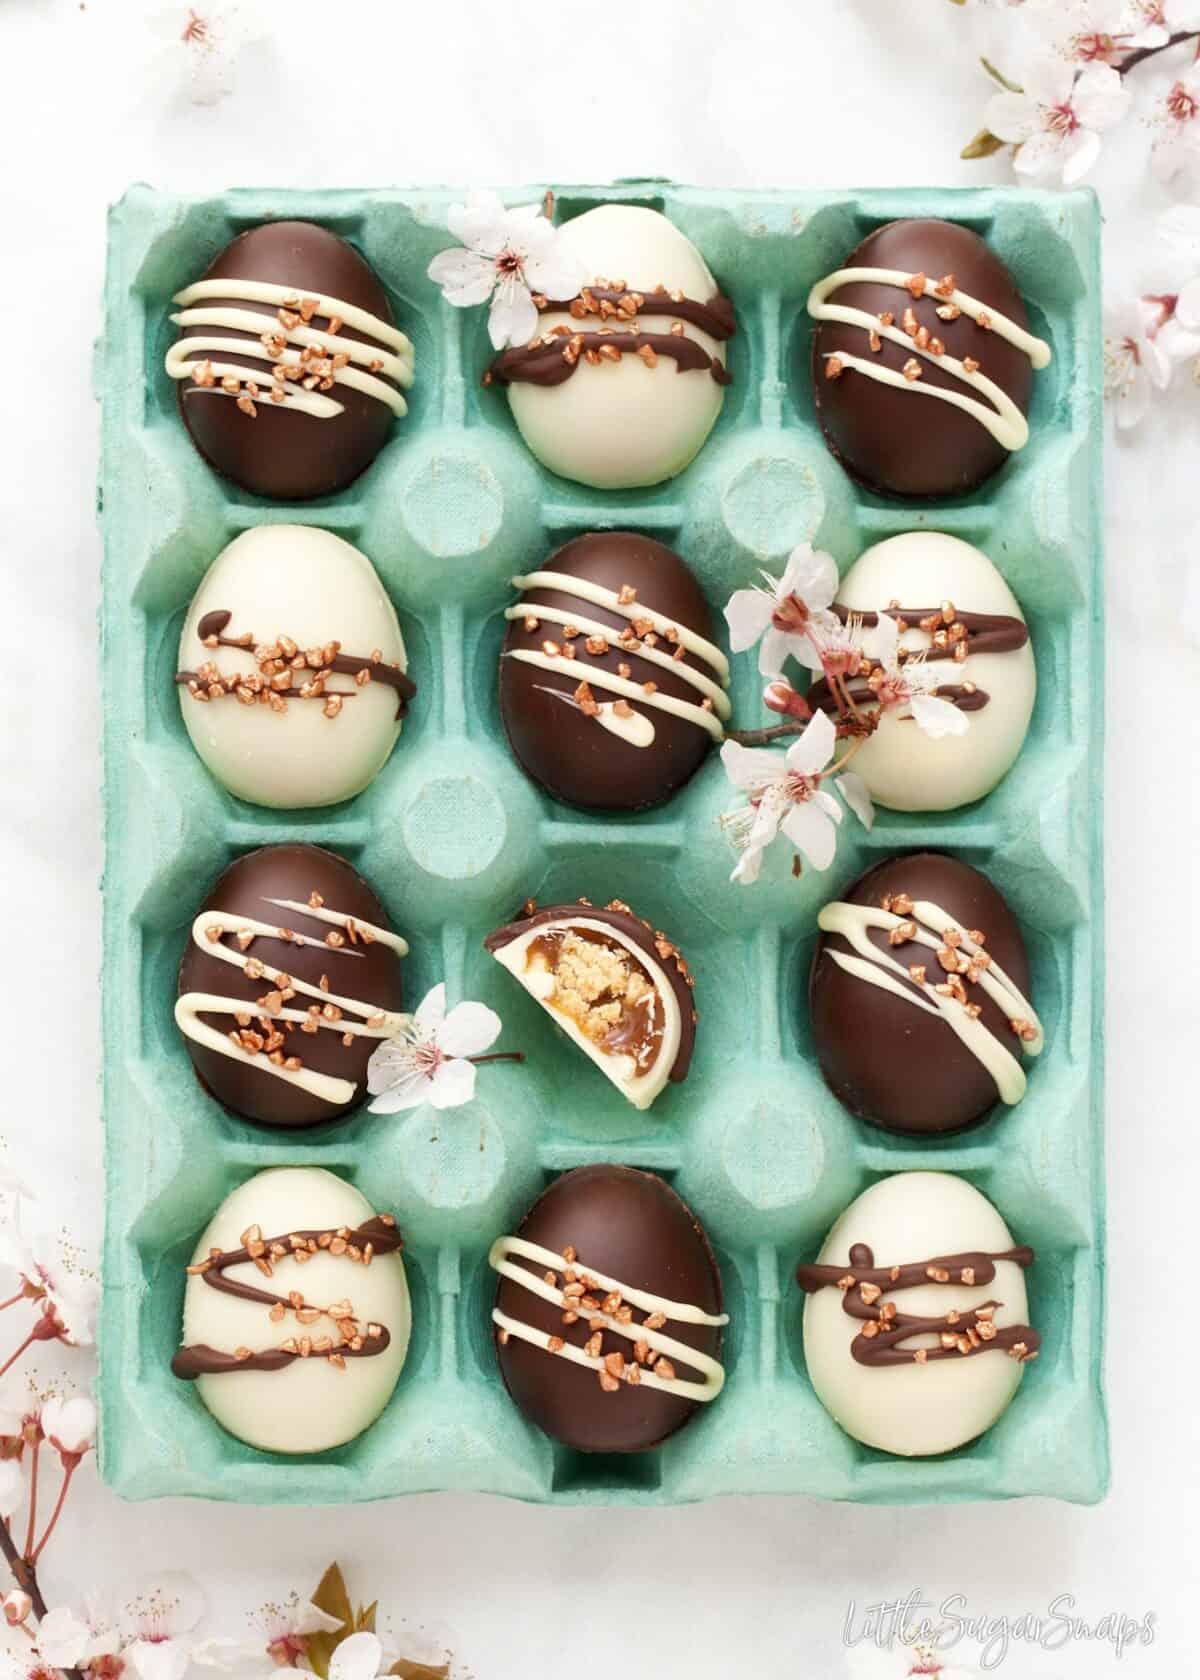 Millionaires Shortbread Caramel Easter Eggs